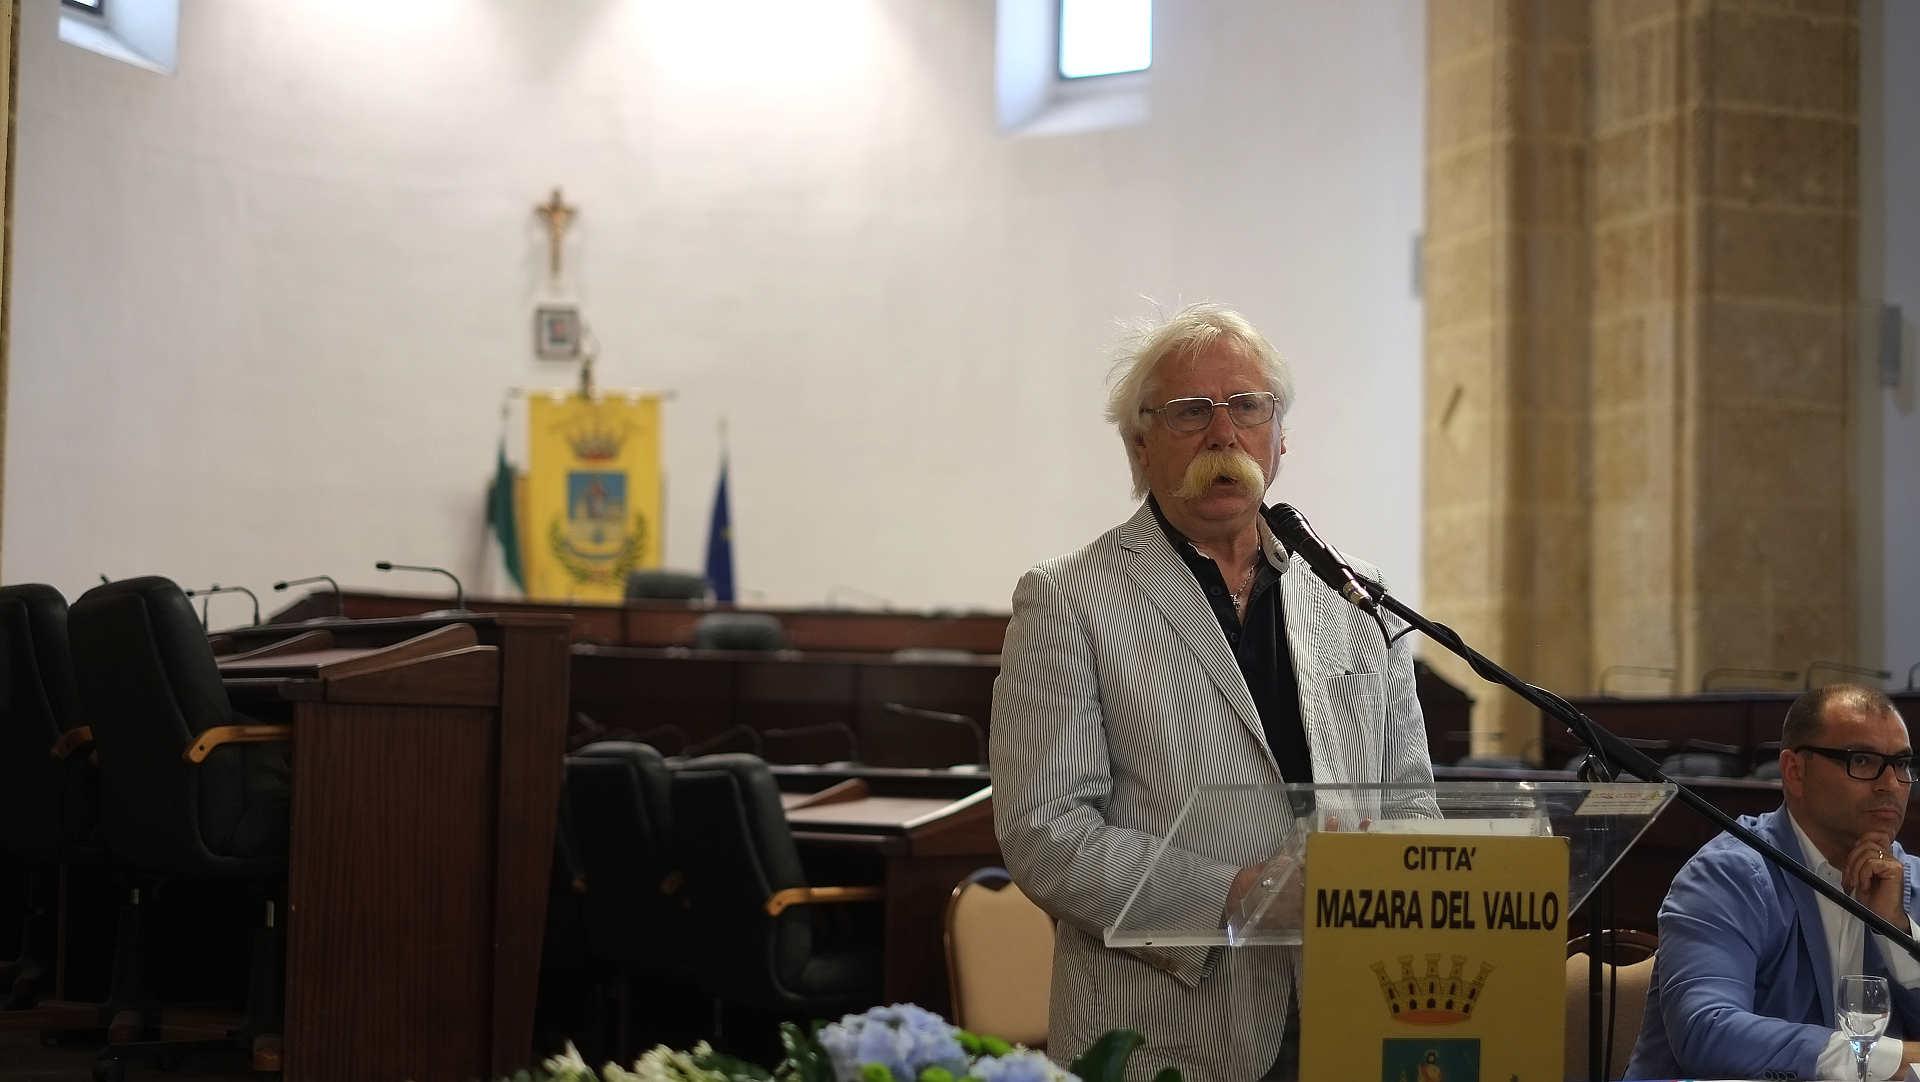 Nicola Cristali